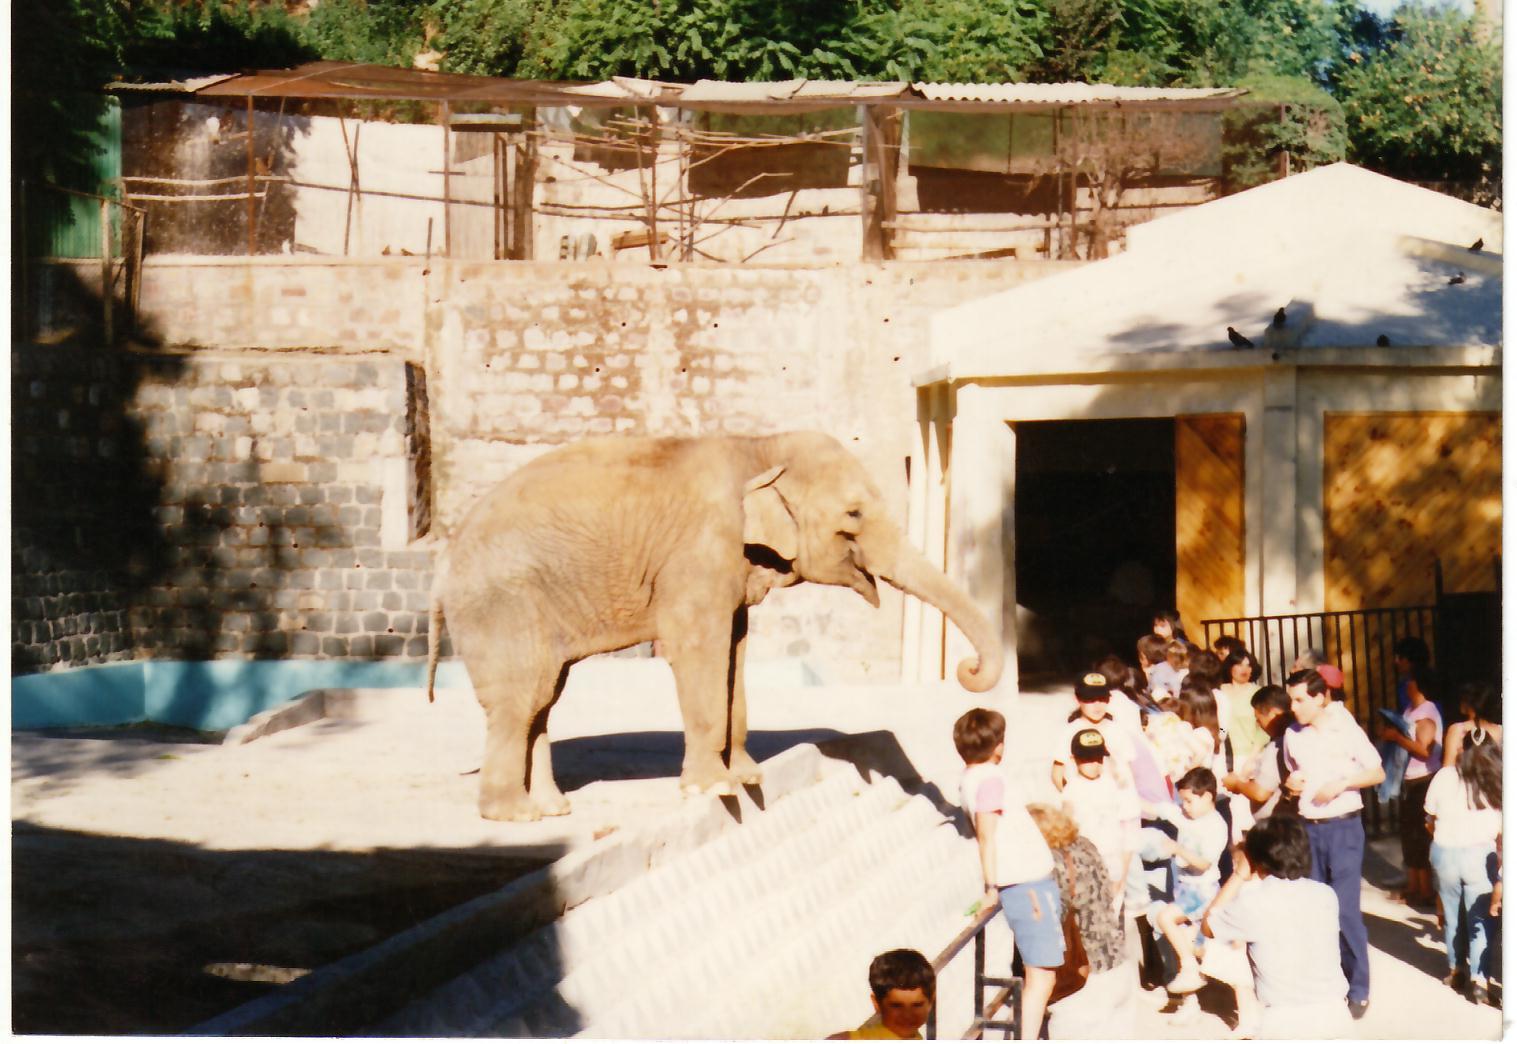 Enterreno - Fotos históricas de chile - fotos antiguas de Chile - Elefanta Fresia, 1989